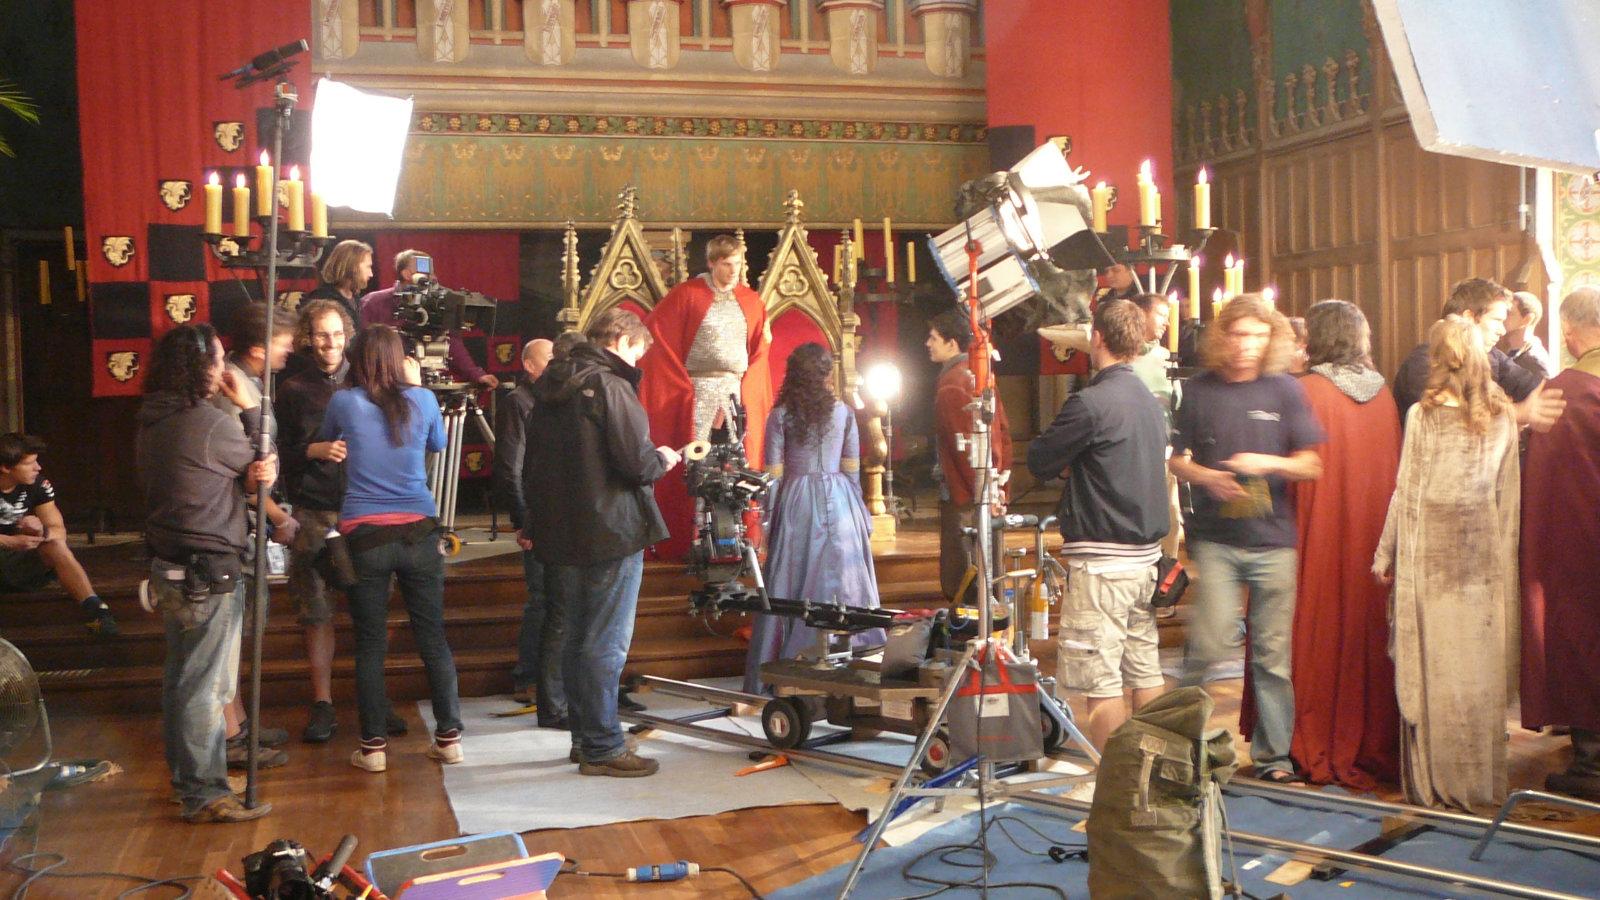 Merlin Behind The Scenes Bradley James Photo 33996698